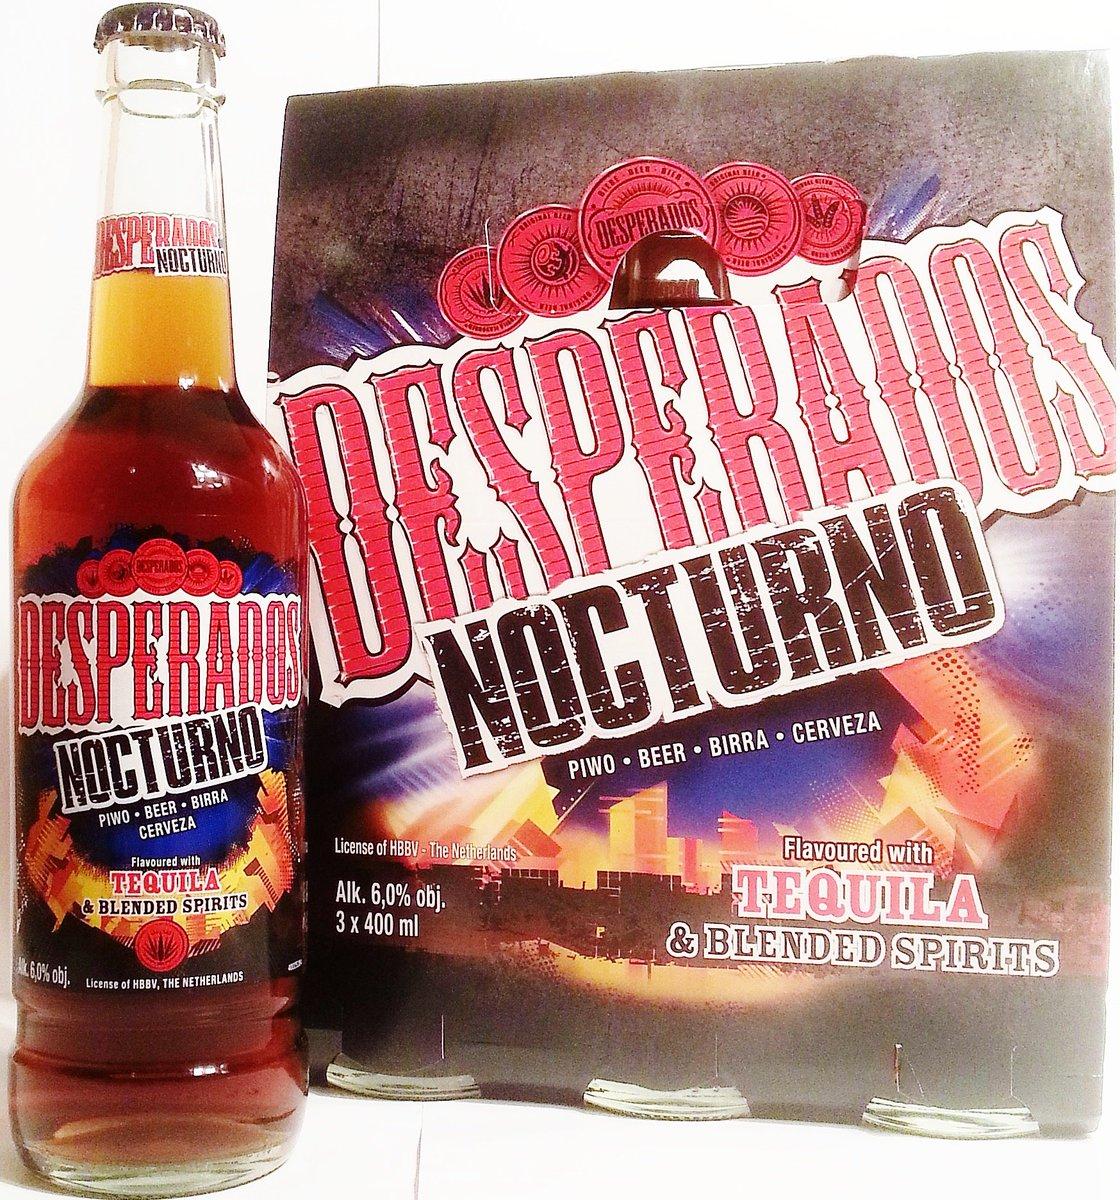 Fernkost Pacek De Pa Twitter Neue Sorte Desperados Nocturno Mit Rum Flavour Https T Co Uypx7uz0id Https T Co Yqkzn7tz4x